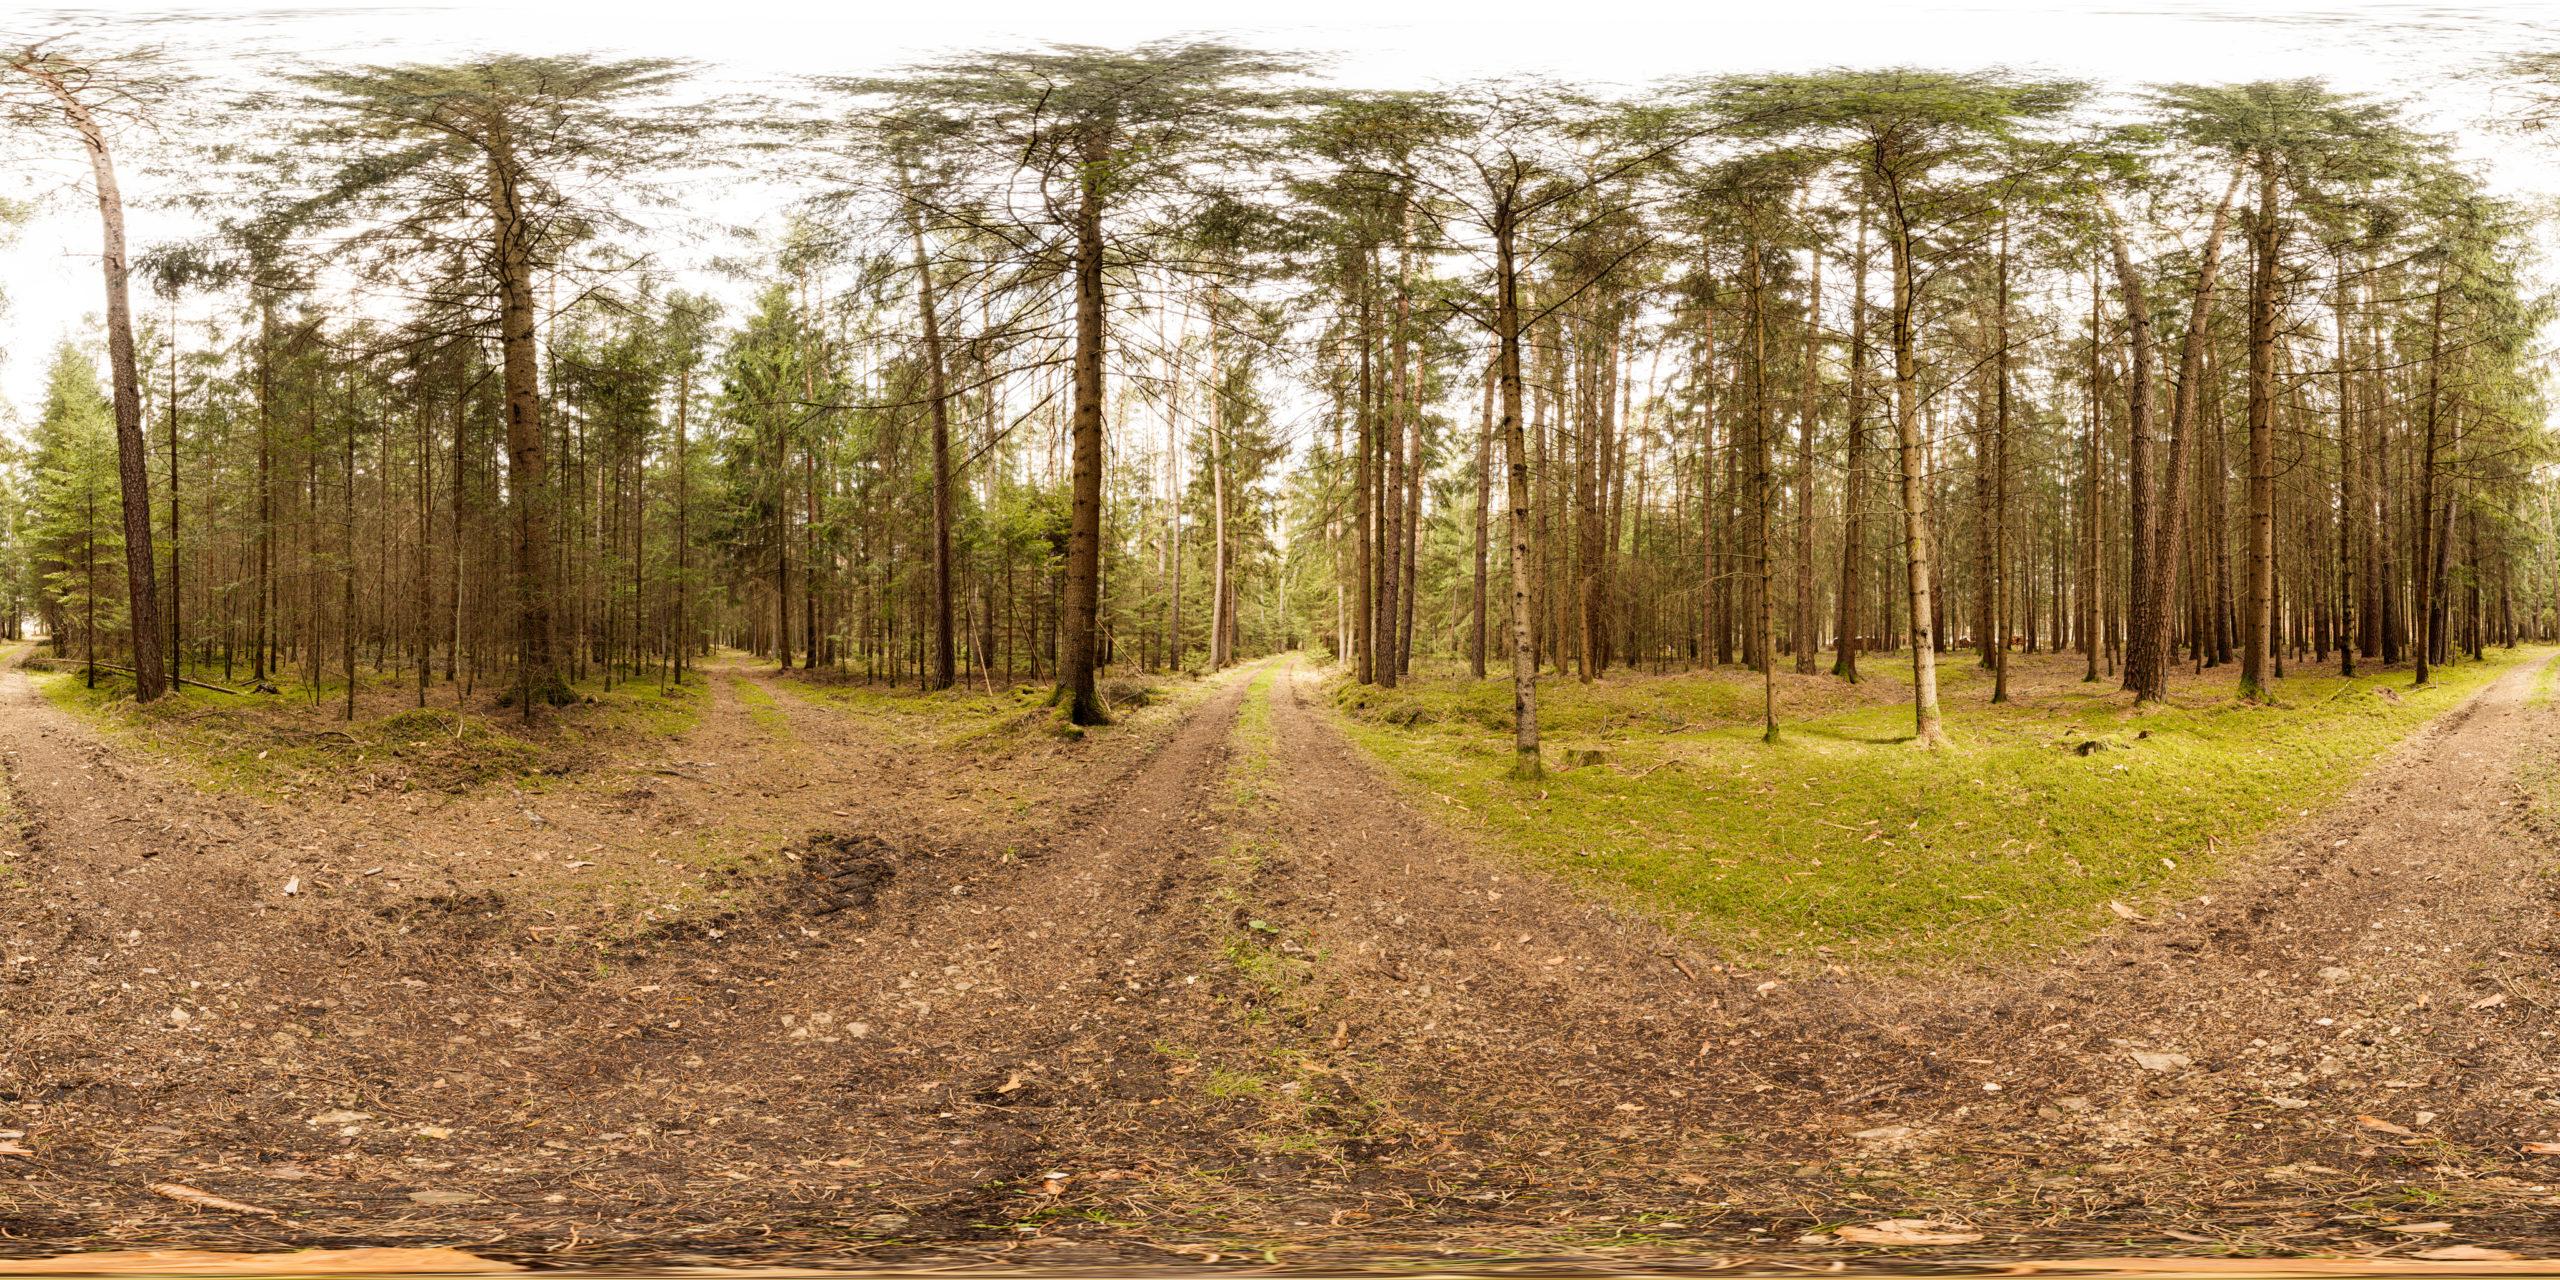 HDRI-Skies-Forest-Path-Altenheideck